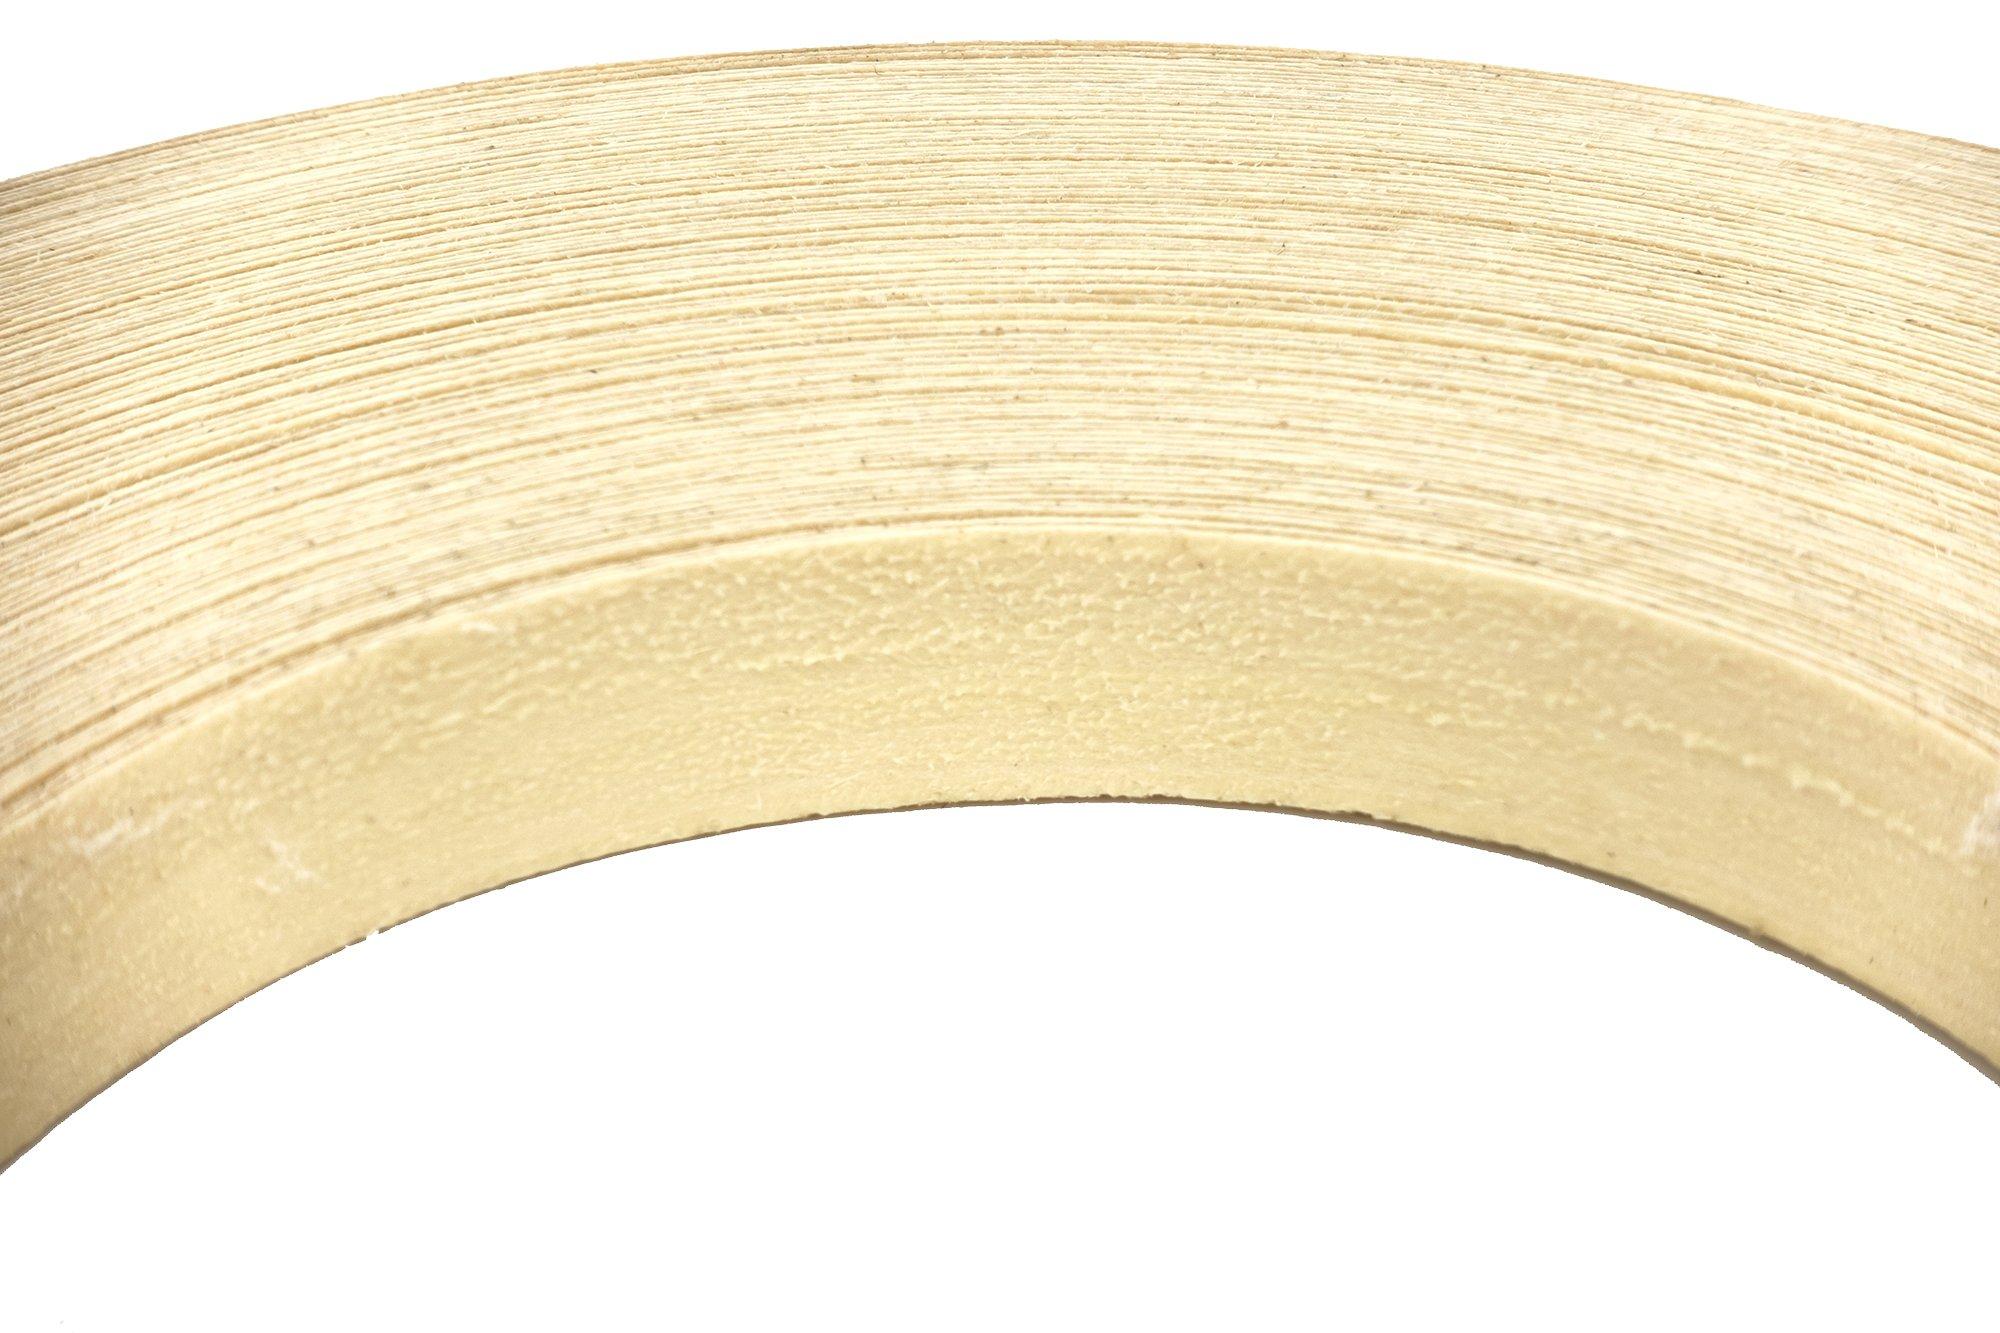 Maple Wood Veneer Edge Banding Preglued 3/4'' X 250' Roll by Beach Handiworks (Image #4)